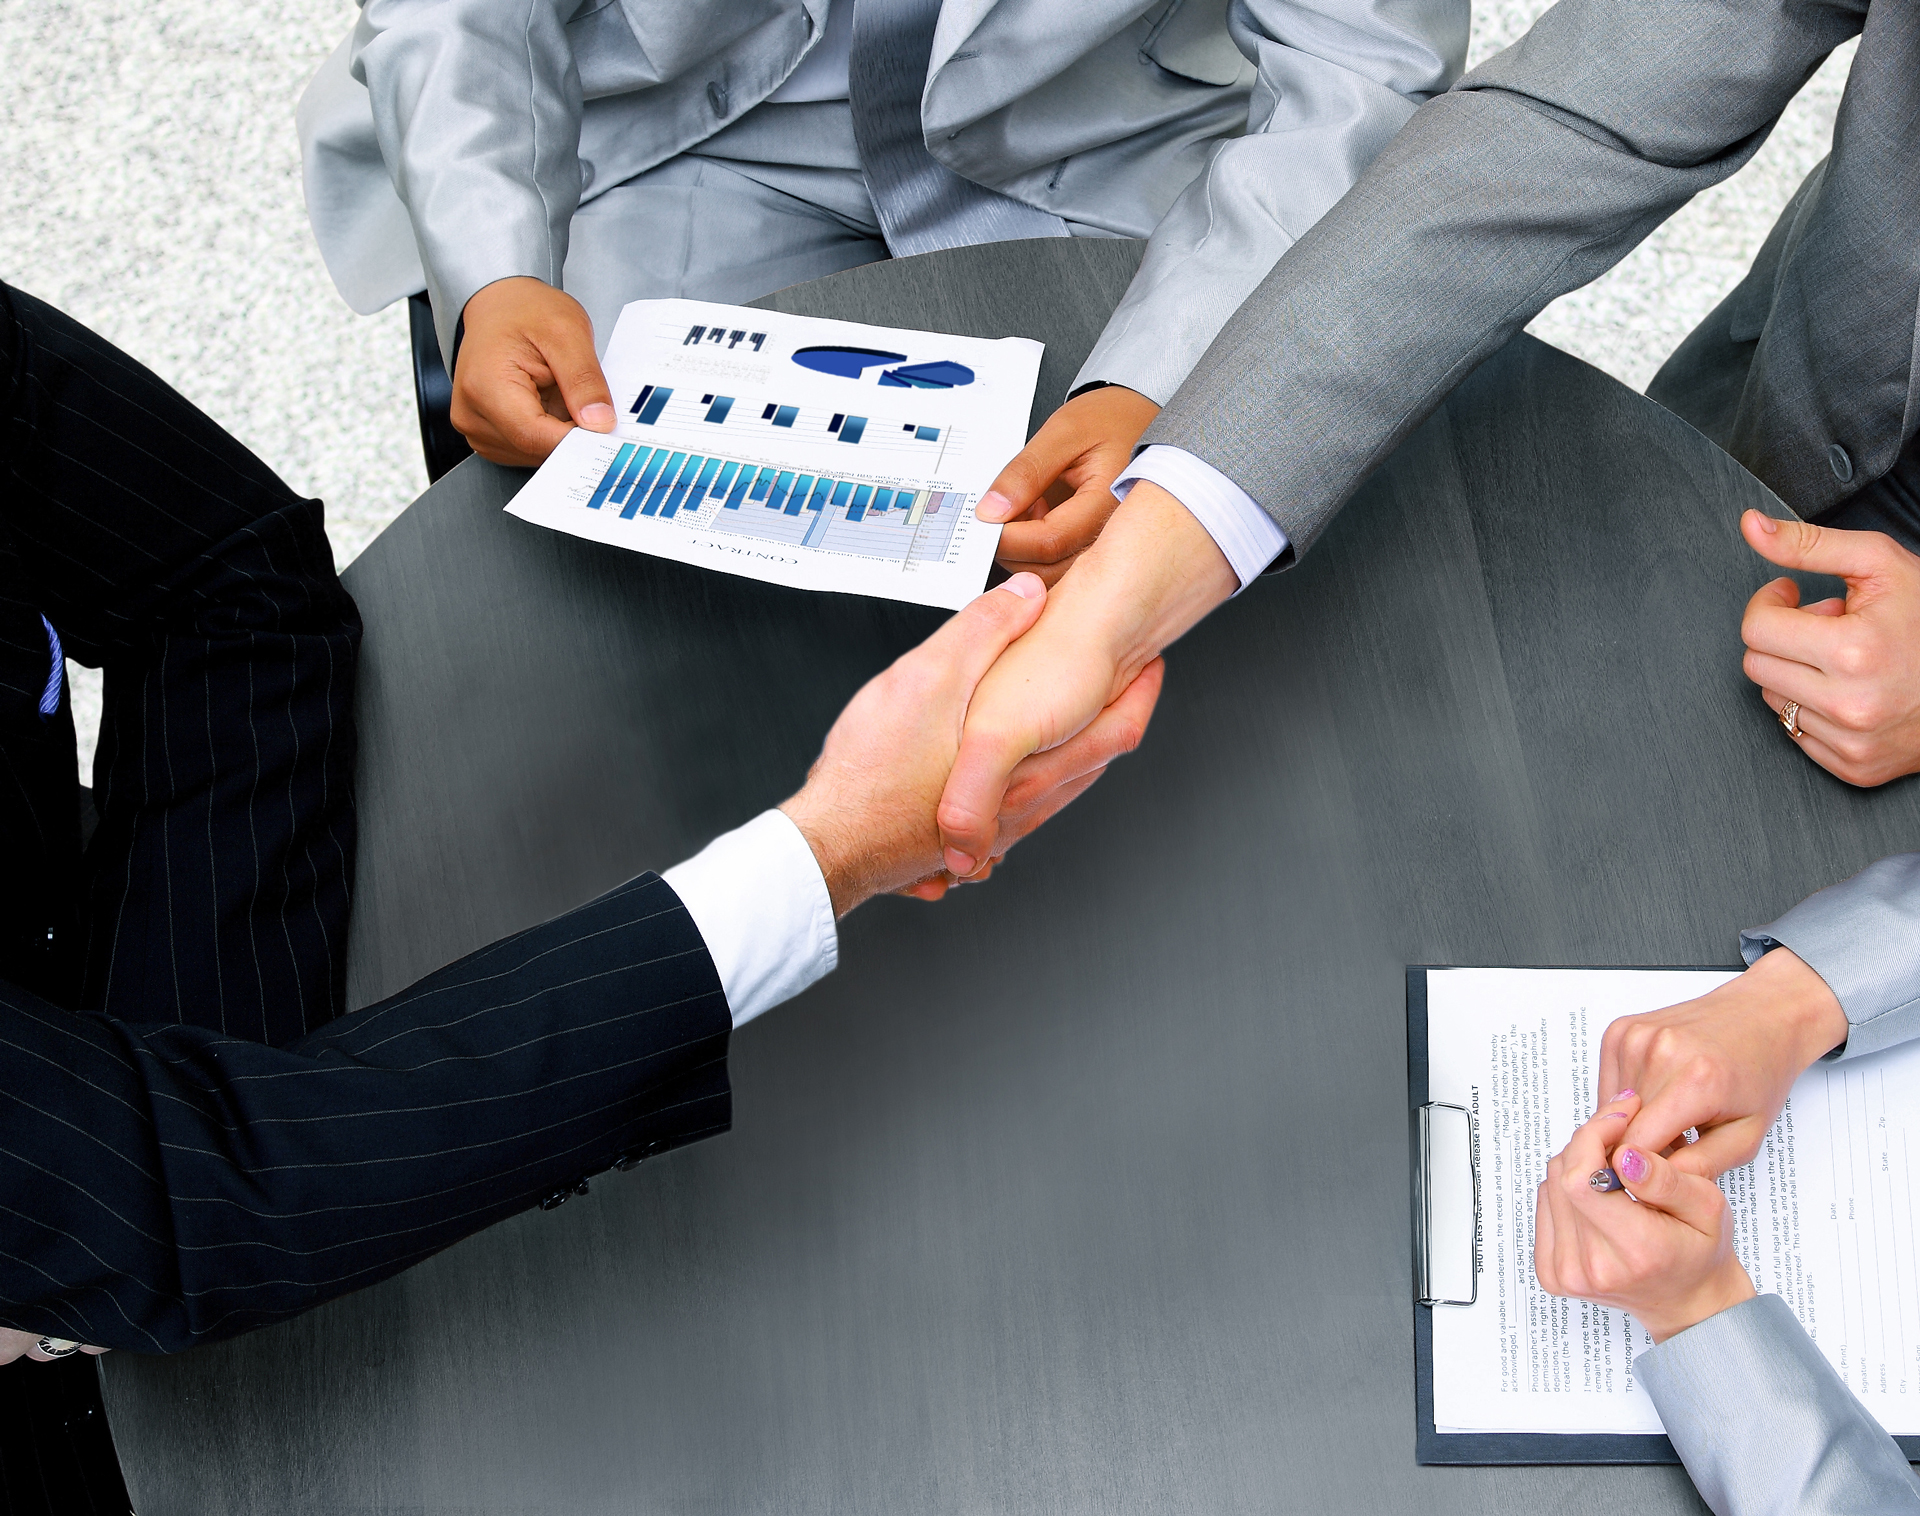 ciclo superior en gesti u00f3n de ventas y espacios comerciales